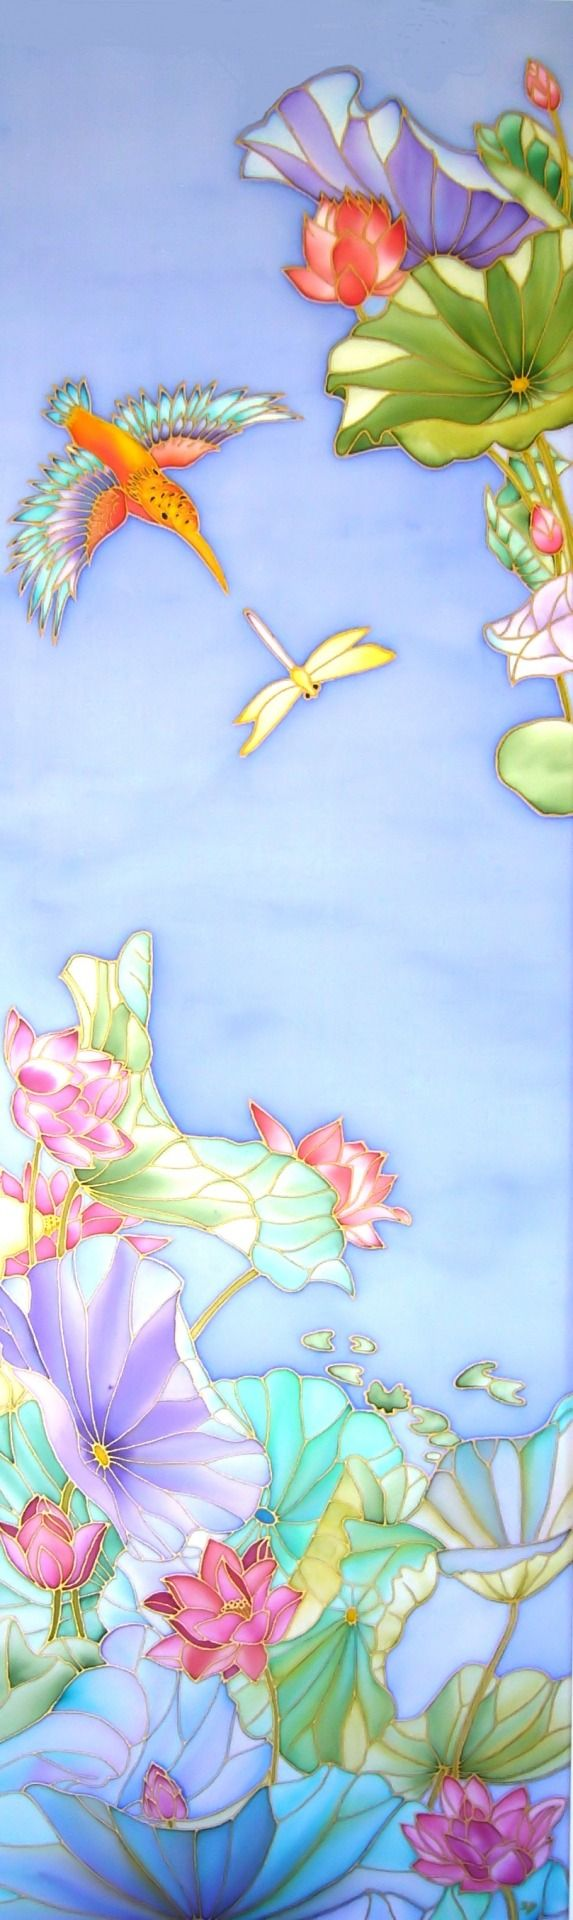 Tableau en peinture sur soie : Peintures par sabine-deff                                                                                                                                                                                 Plus